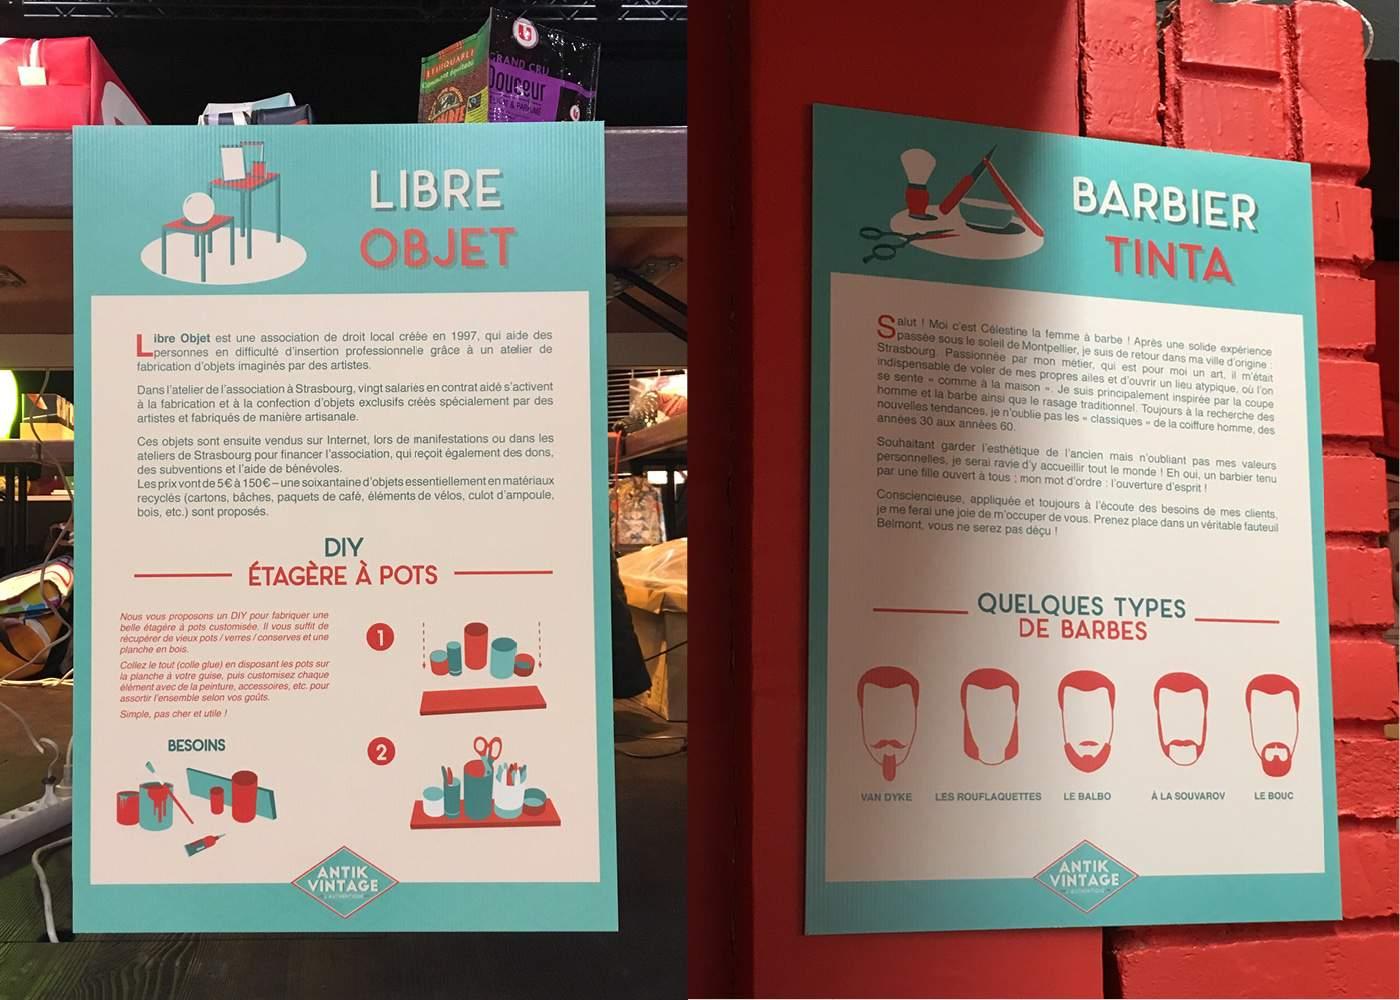 panneaux-signaletique-pour-levenement-antik-vintage-sur-strasbourg-illustration-vectorielle-infos pratiques-culturel